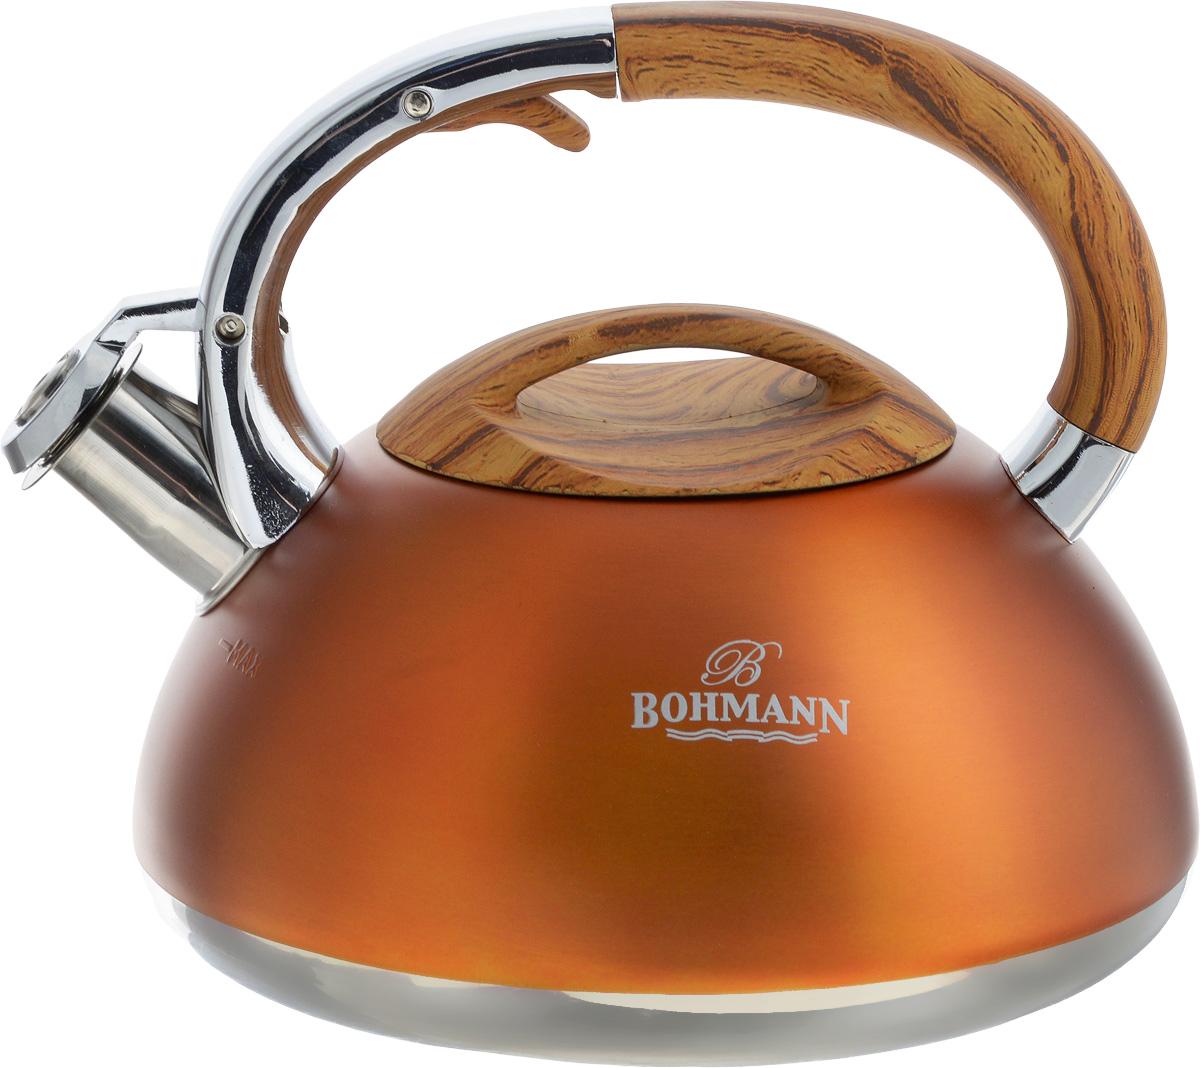 Чайник Bohmann, со свистком, 3 л. BH-9959BH-9959Чайник Bohmann выполнен из высококачественной нержавеющей стали, что делает его весьма гигиеничным и устойчивым к износу при длительном использовании. Носик чайника оснащен насадкой-свистком, что позволит вам контролировать процесс подогрева или кипячения воды. Чайник снабжен стальной крышкой и эргономичной ручкой с бакелитовой вставкой.Эстетичный и функциональный чайник будет оригинально смотреться в любом интерьере.Подходит для всех типов плит, кроме индукционных. Можно мыть в посудомоечной машине. Высота чайника (с учетом ручки и крышки): 20 см.Диаметр чайника (по верхнему краю): 11 см.Диаметр дна: 16 см.